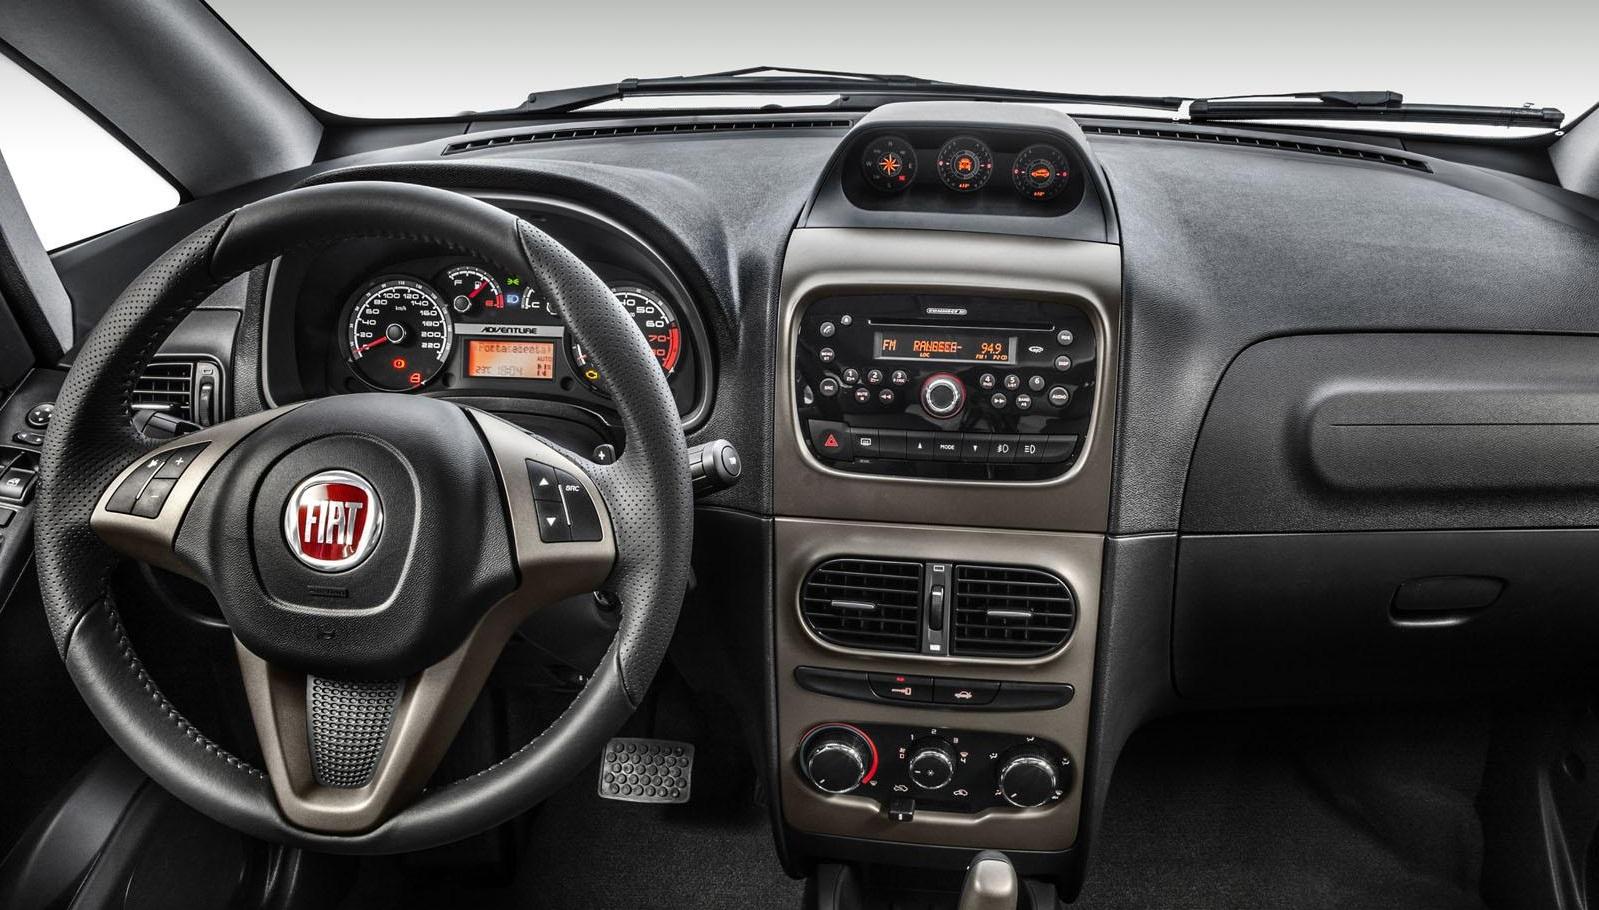 Motor a fondo coches y noticias del mundo del motor for Precio del fiat idea adventure 2014